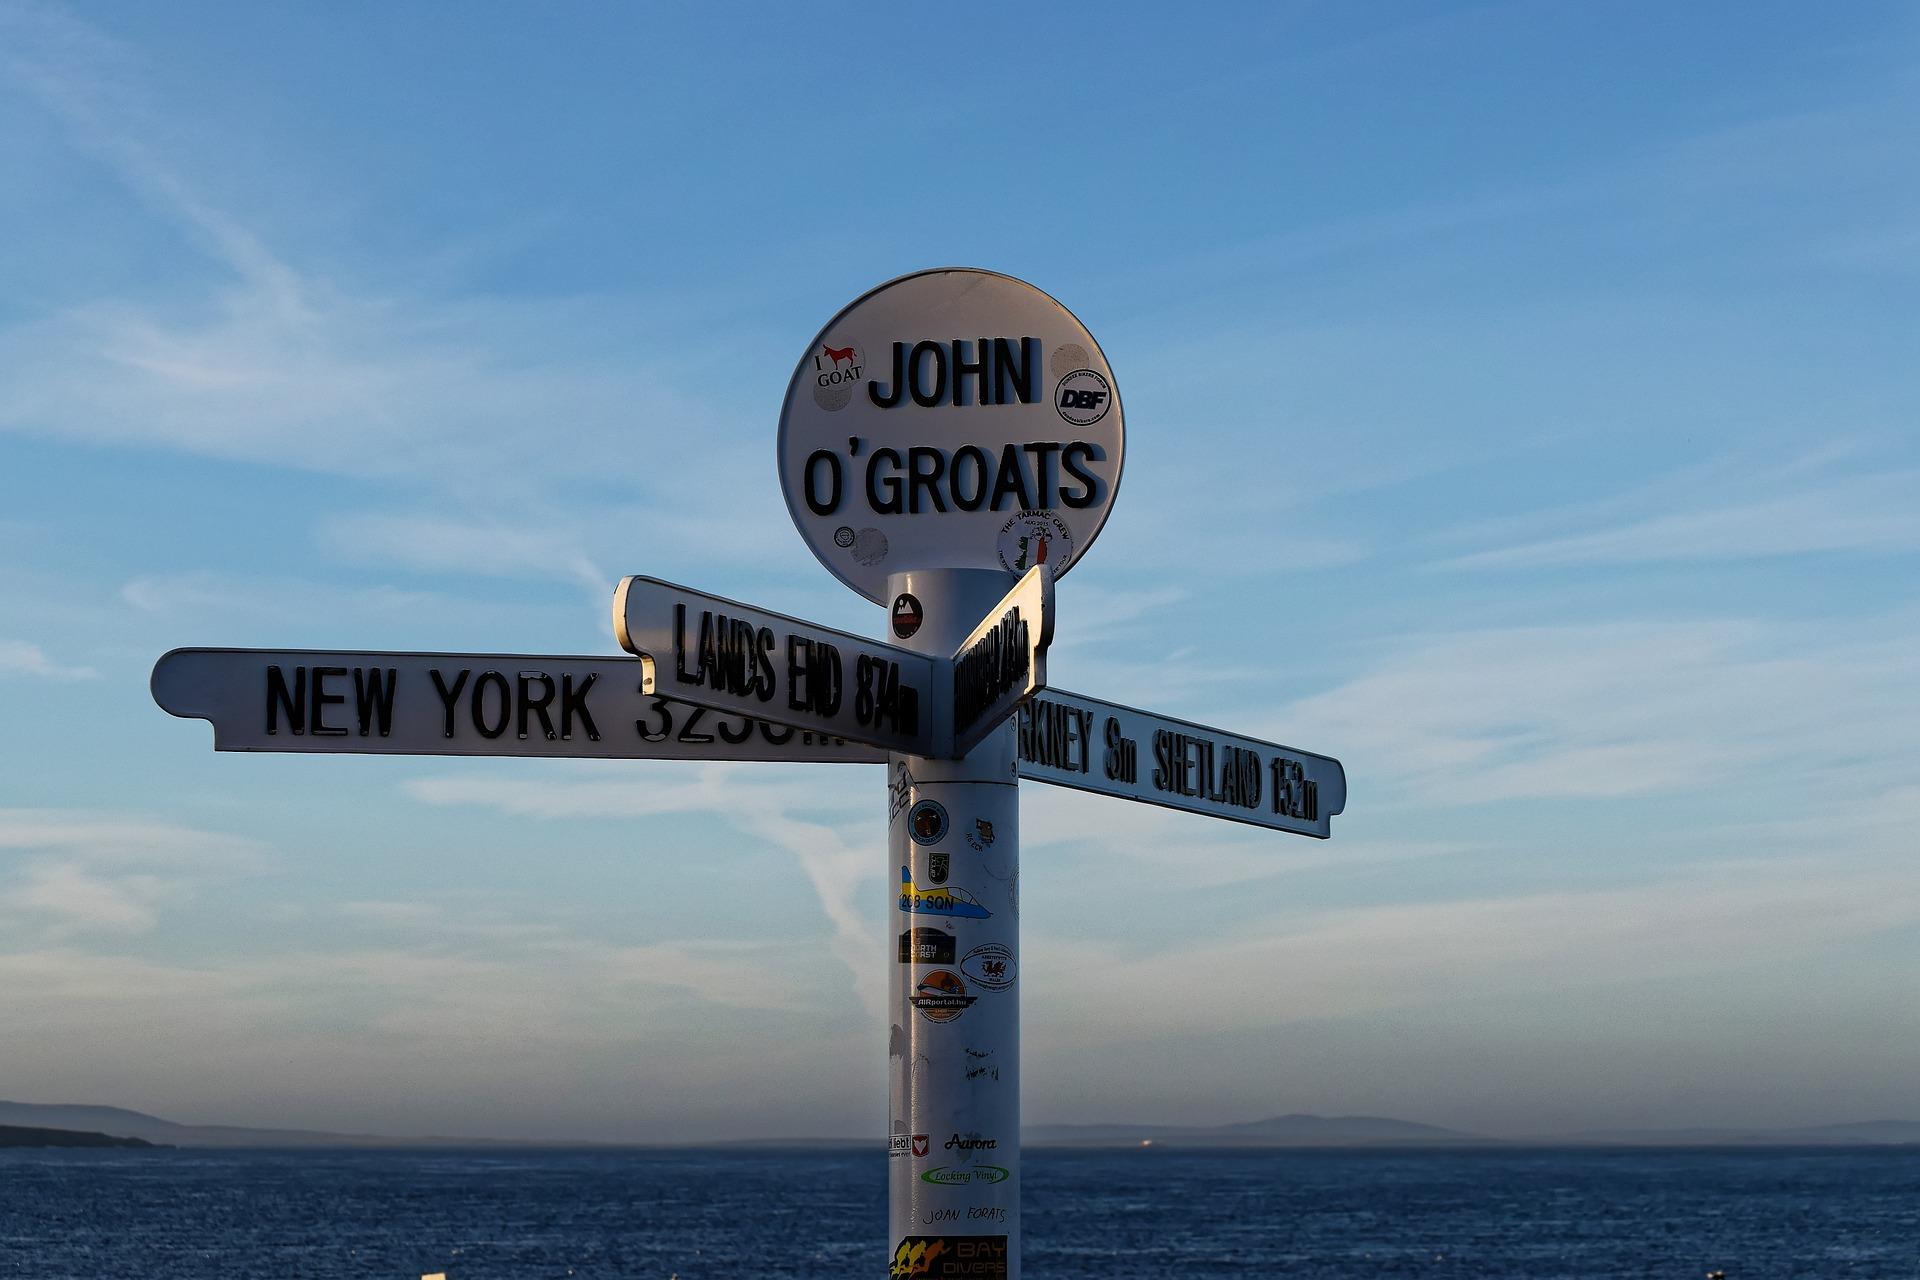 john-ogroats-sign-post.jpg